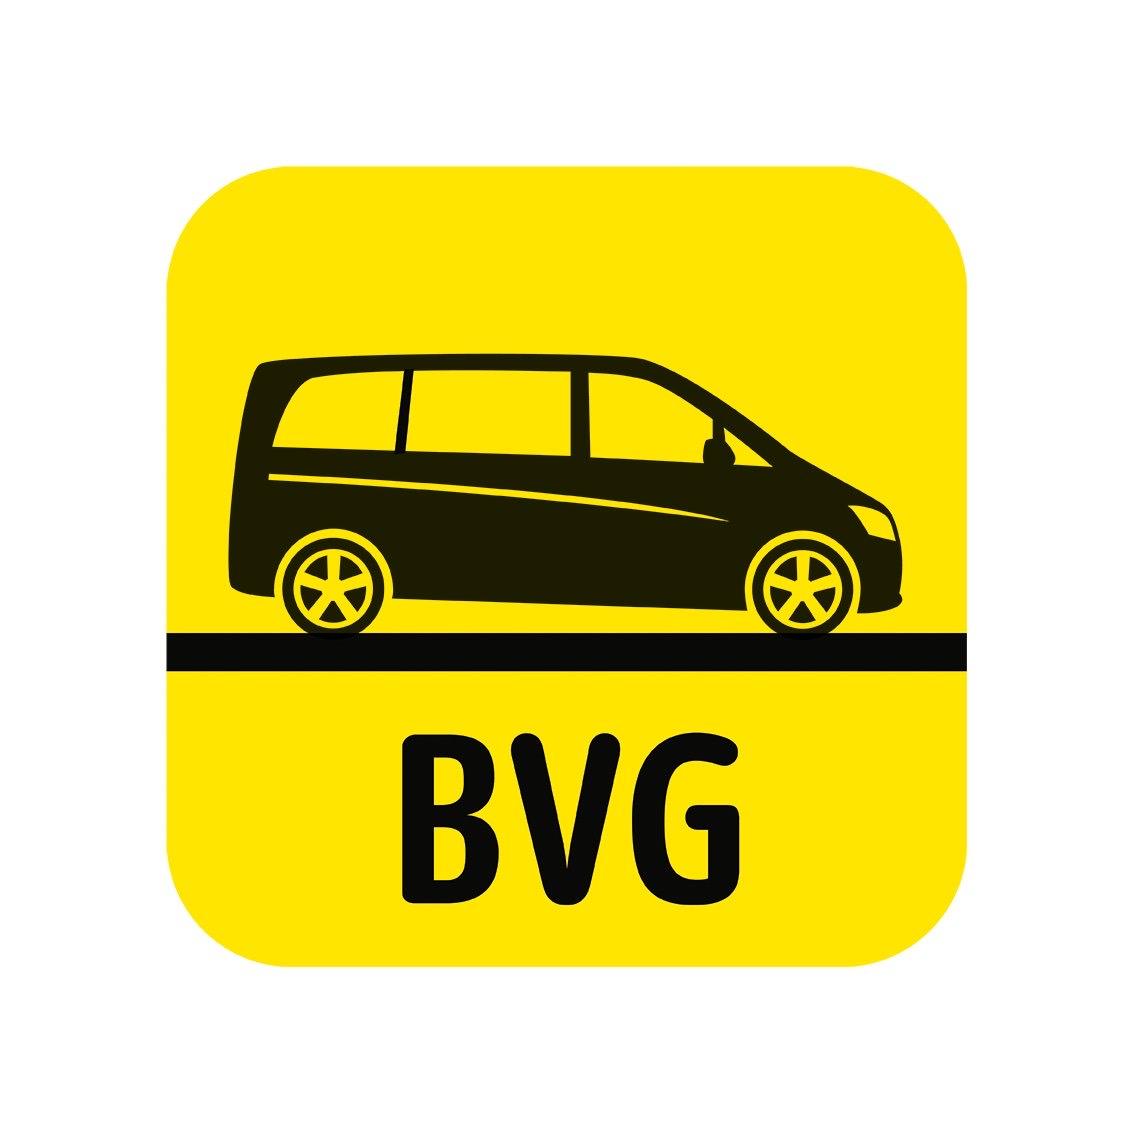 [BERLIN] BVG Berlkönig: Jede Fahrt 5€ (Mitfahrer: 2,50€)